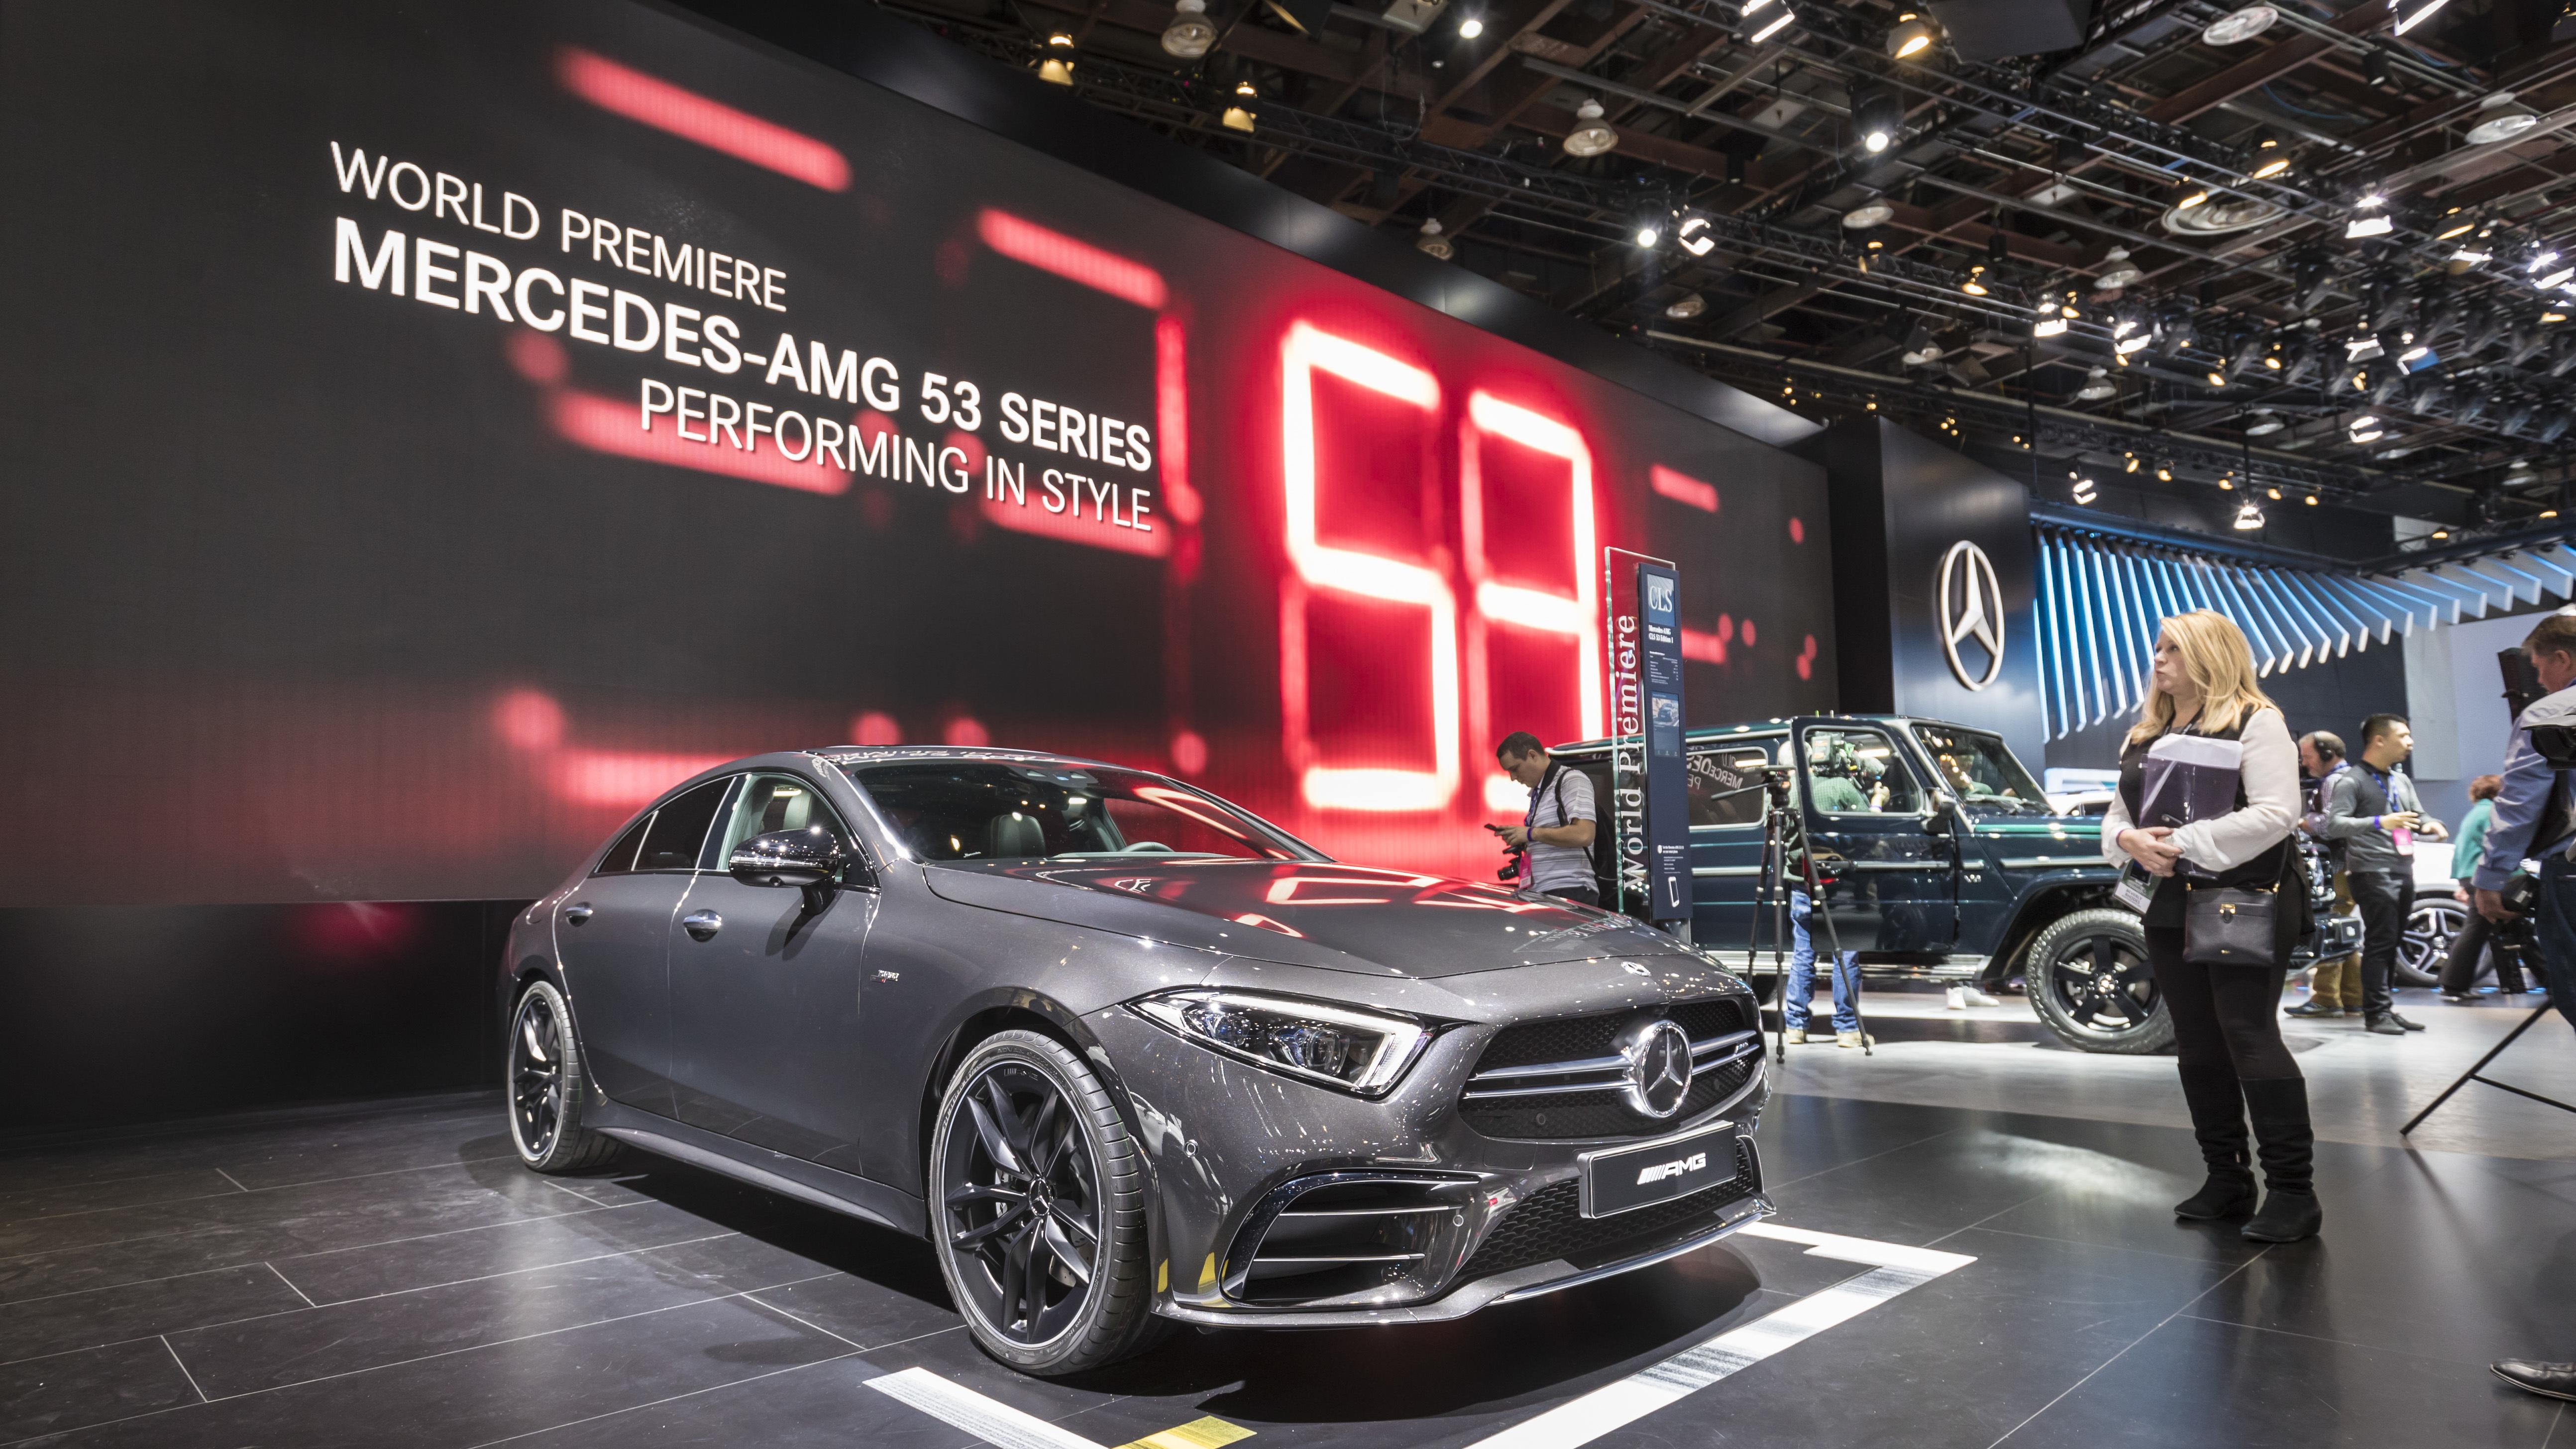 Mercedes-Benz: estreia mundial do novo Classe G e novos modelos AMG